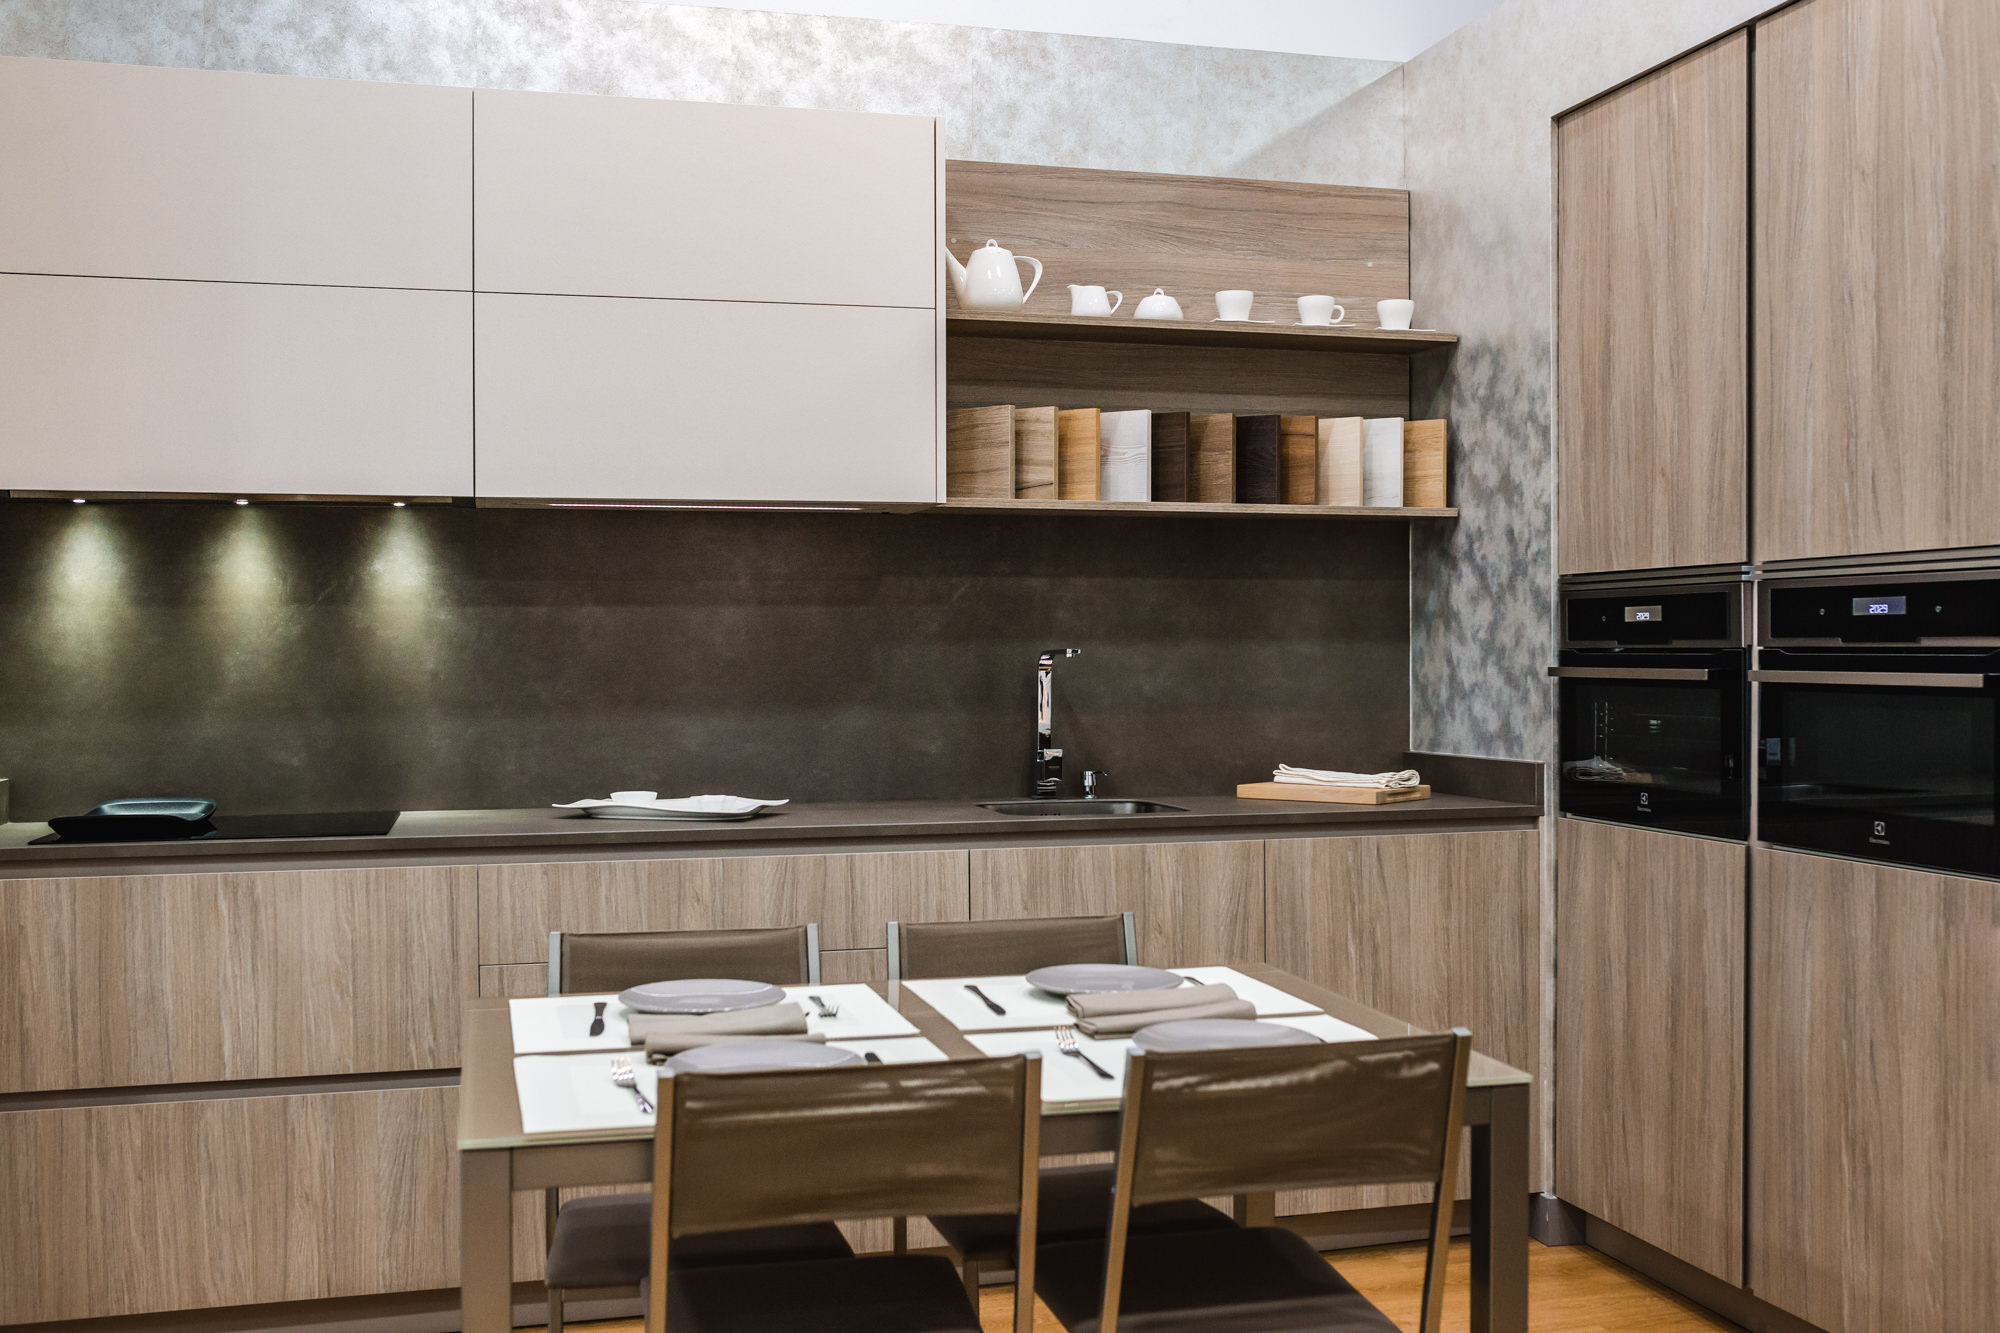 Exposici n cocina h bitat cocinas artnova - Relojes para cocinas modernas ...